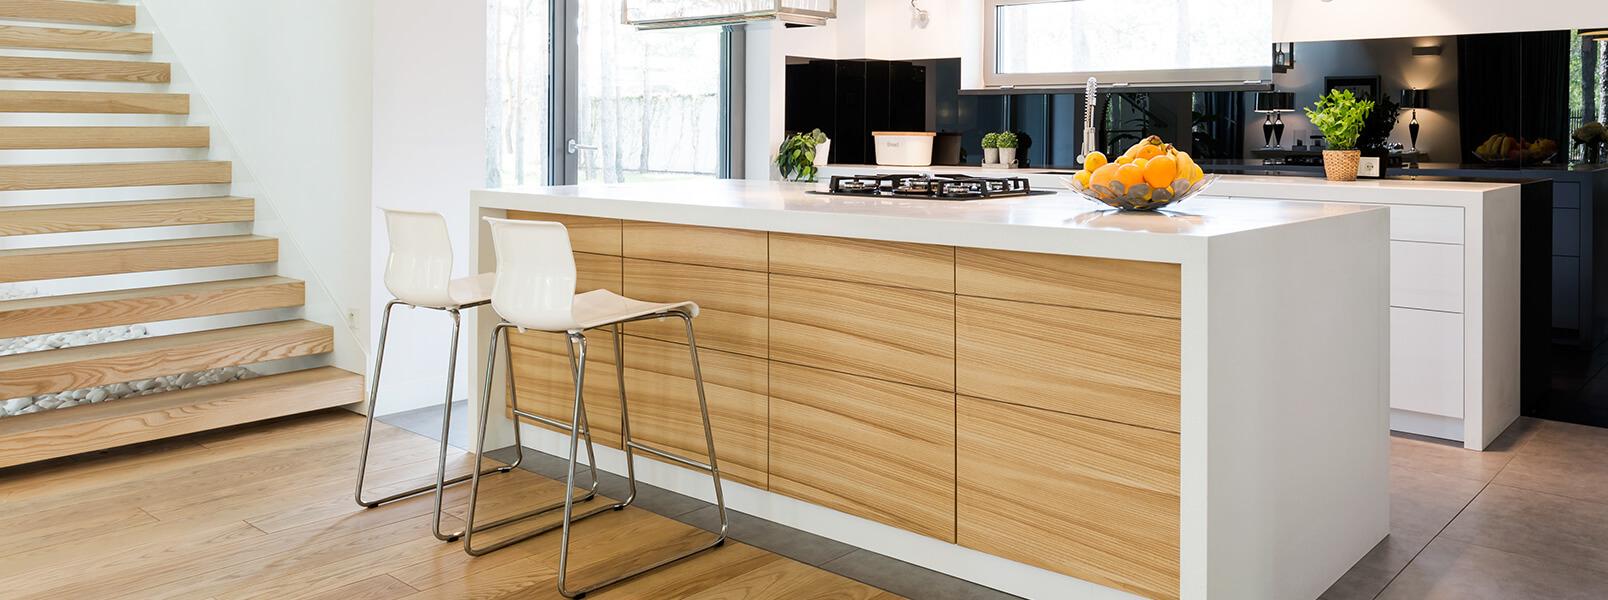 Ilot Cuisine Table A Manger 7 choses à considérer pour créer l'îlot de cuisine parfait!